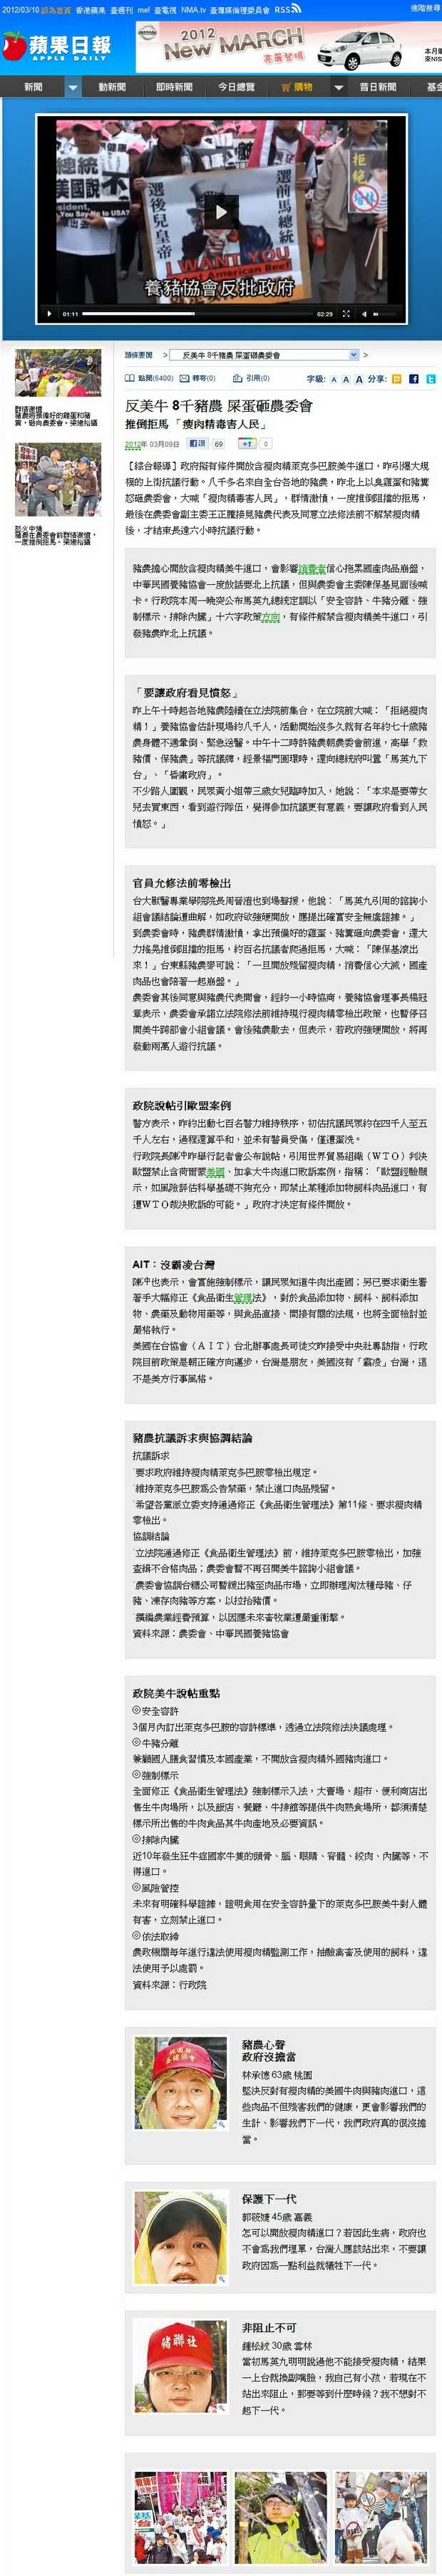 反美牛 8千豬農 屎蛋砸農委會-2012.03.10